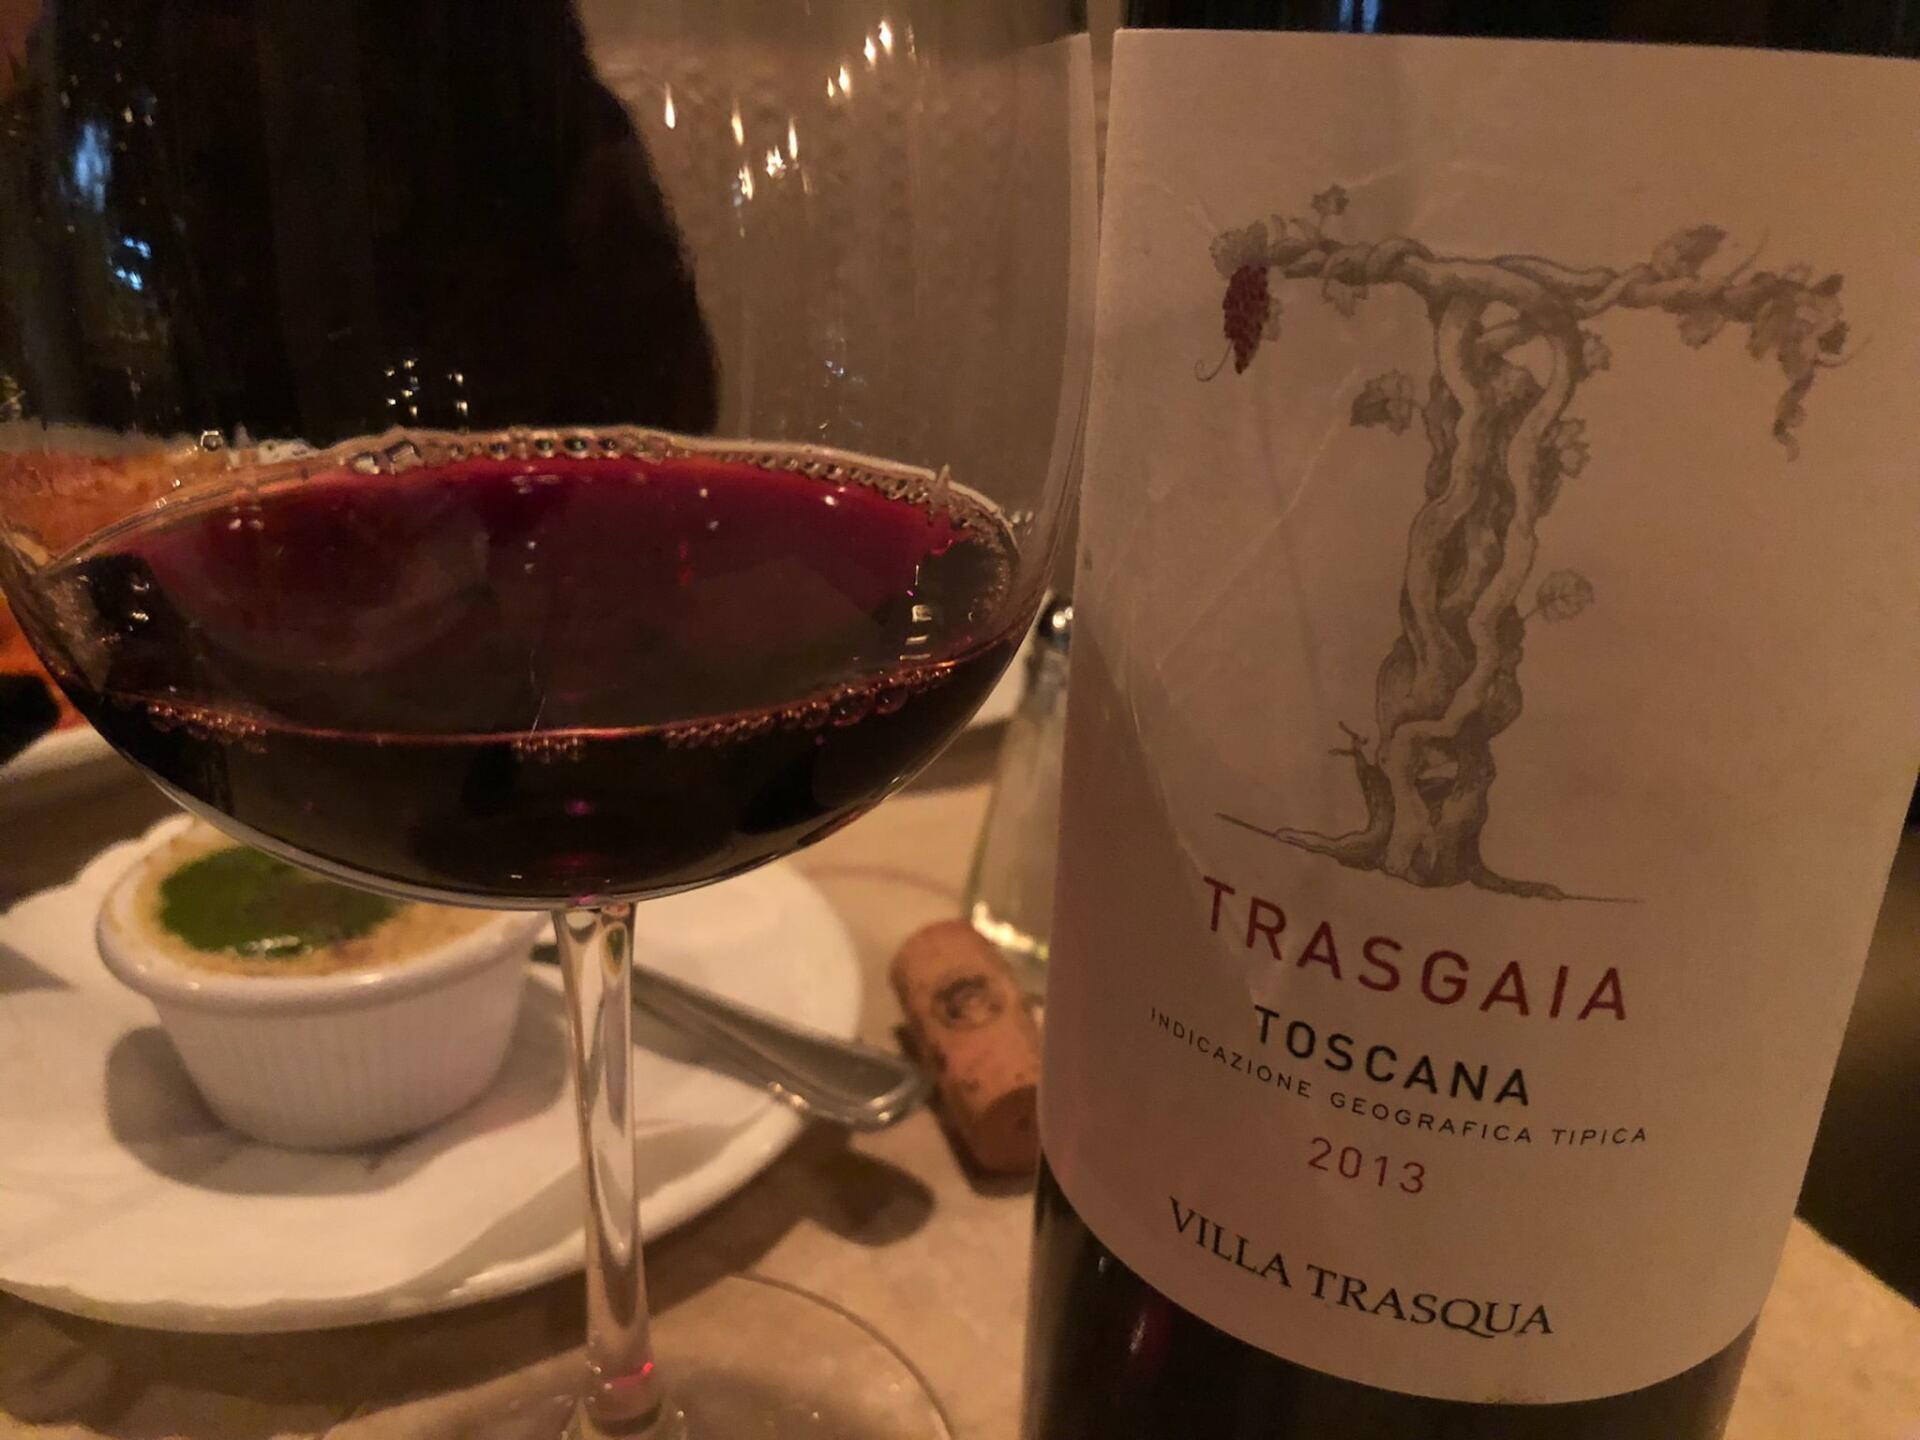 Villa Trasqua wine